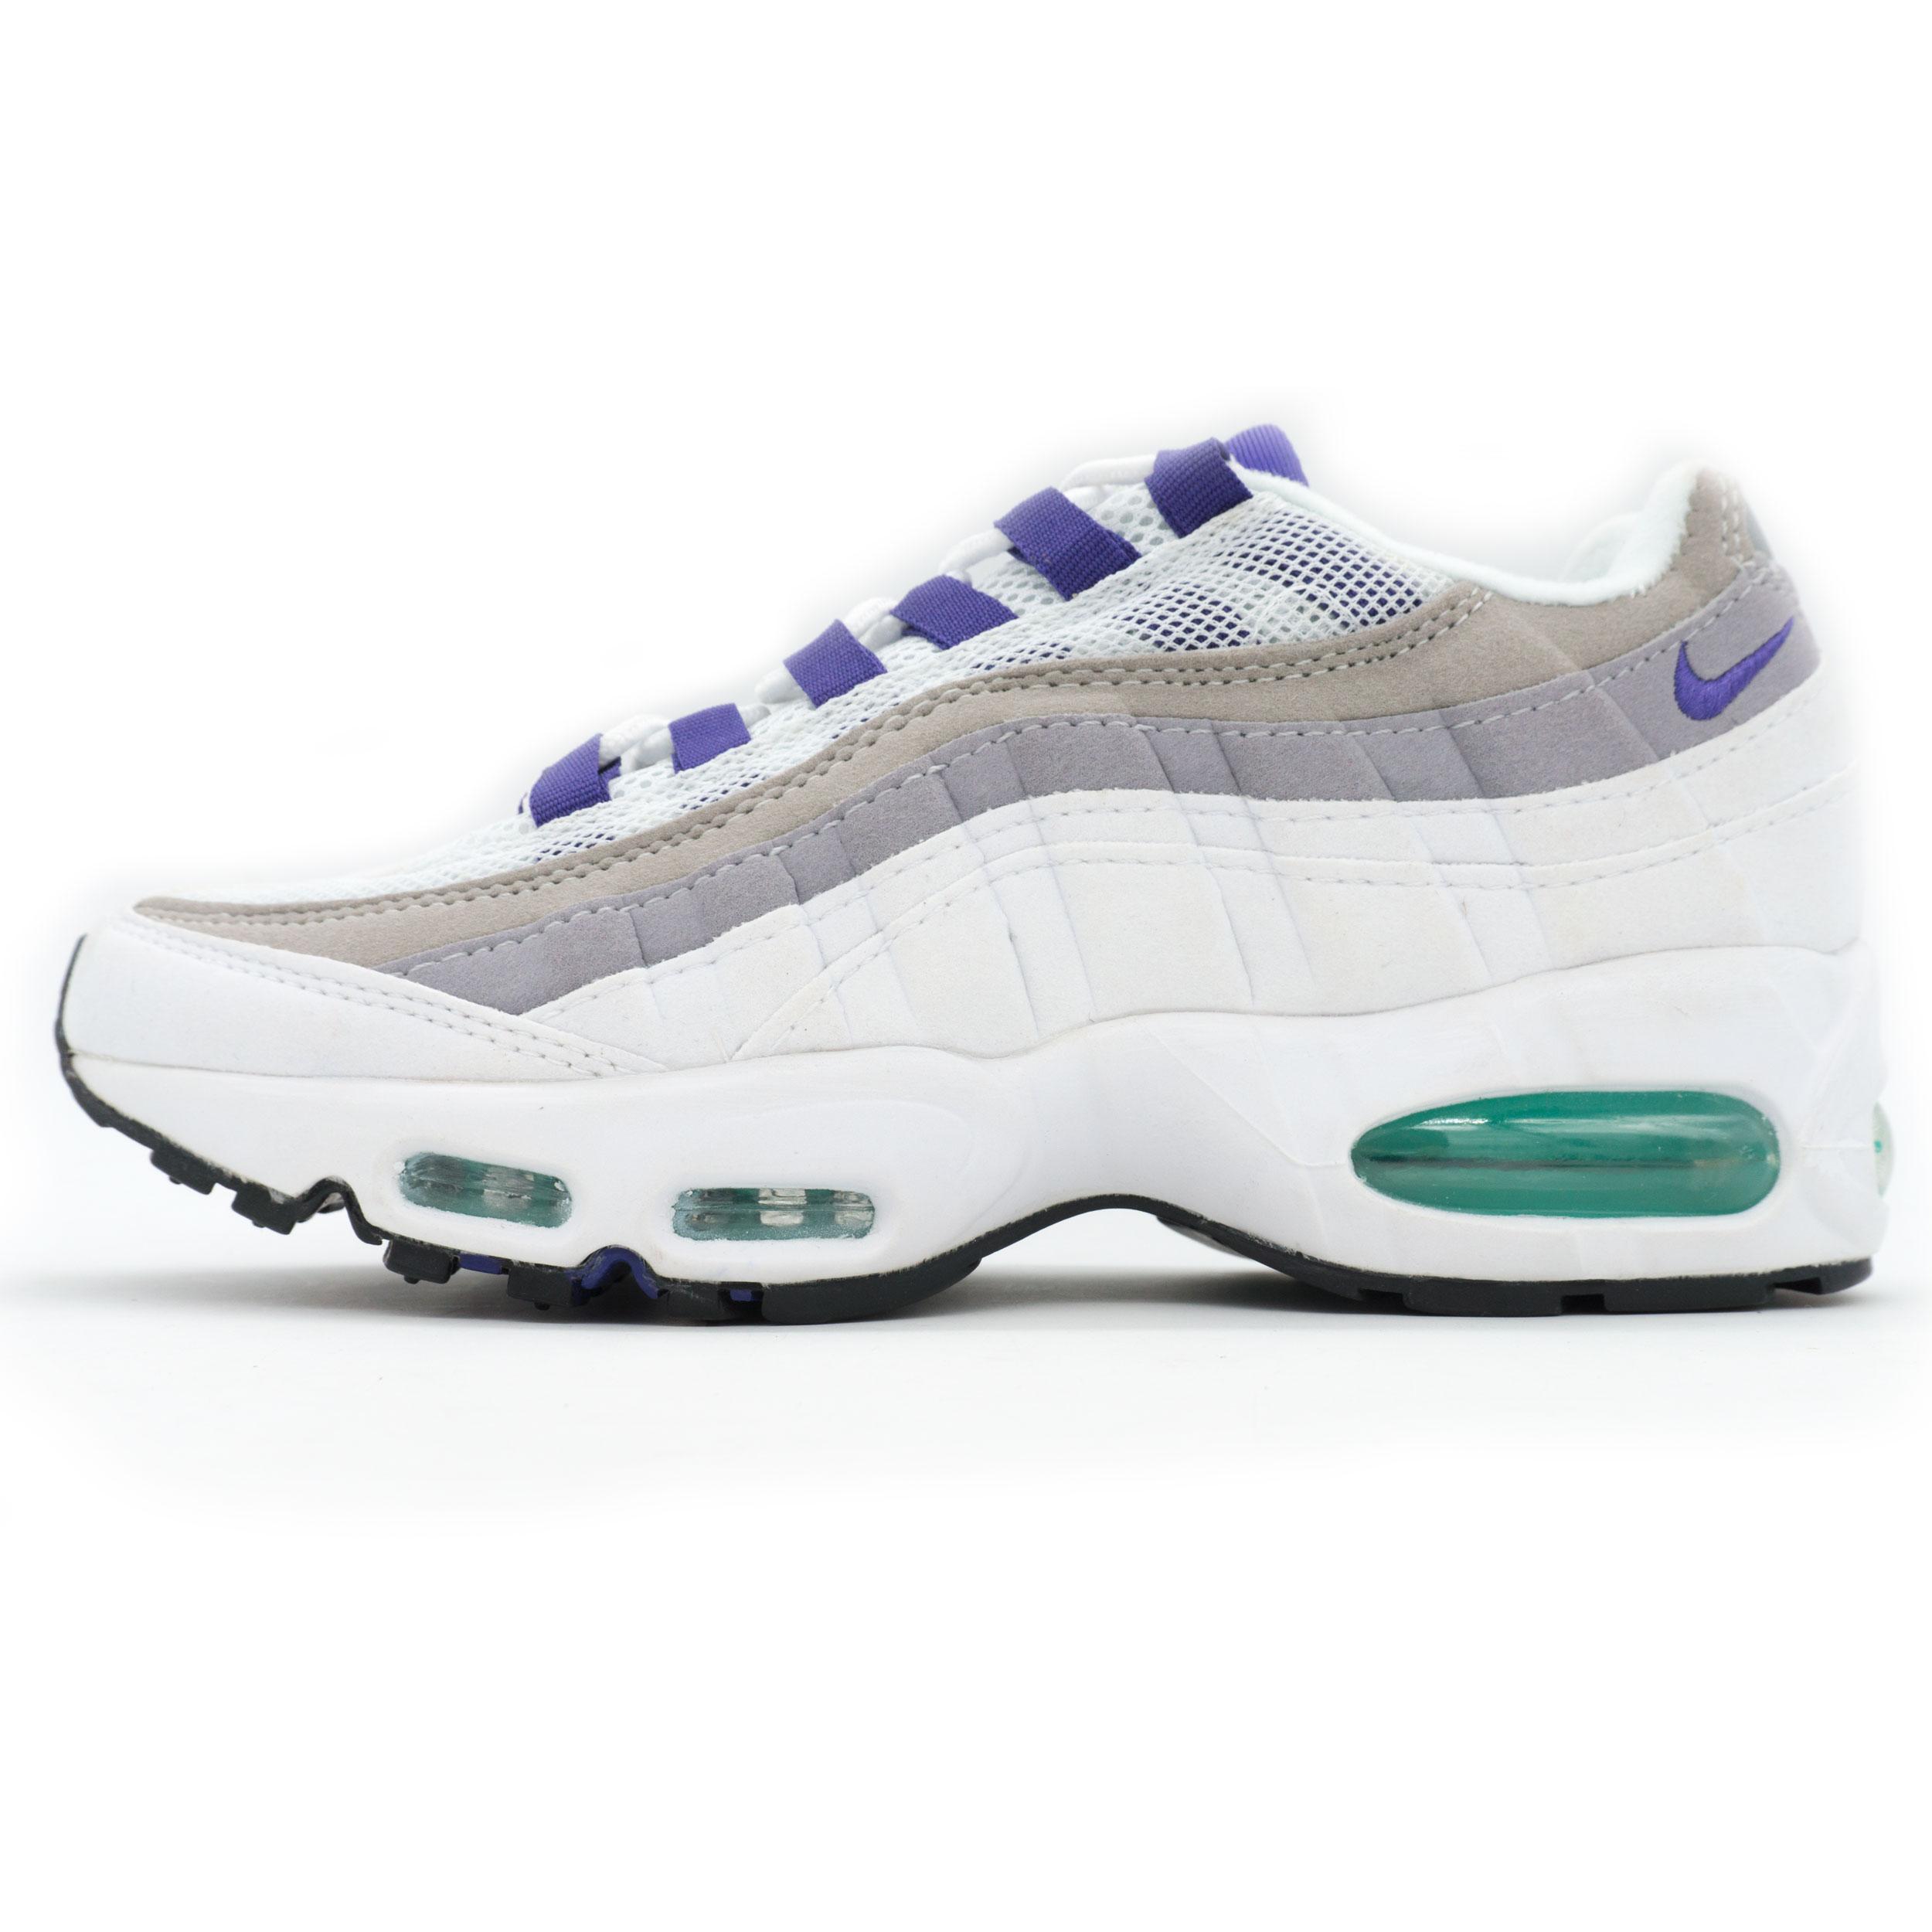 5b345367 Женские кроссовки Nike air max 95, купить бело-серо-фиолетовые аир ...